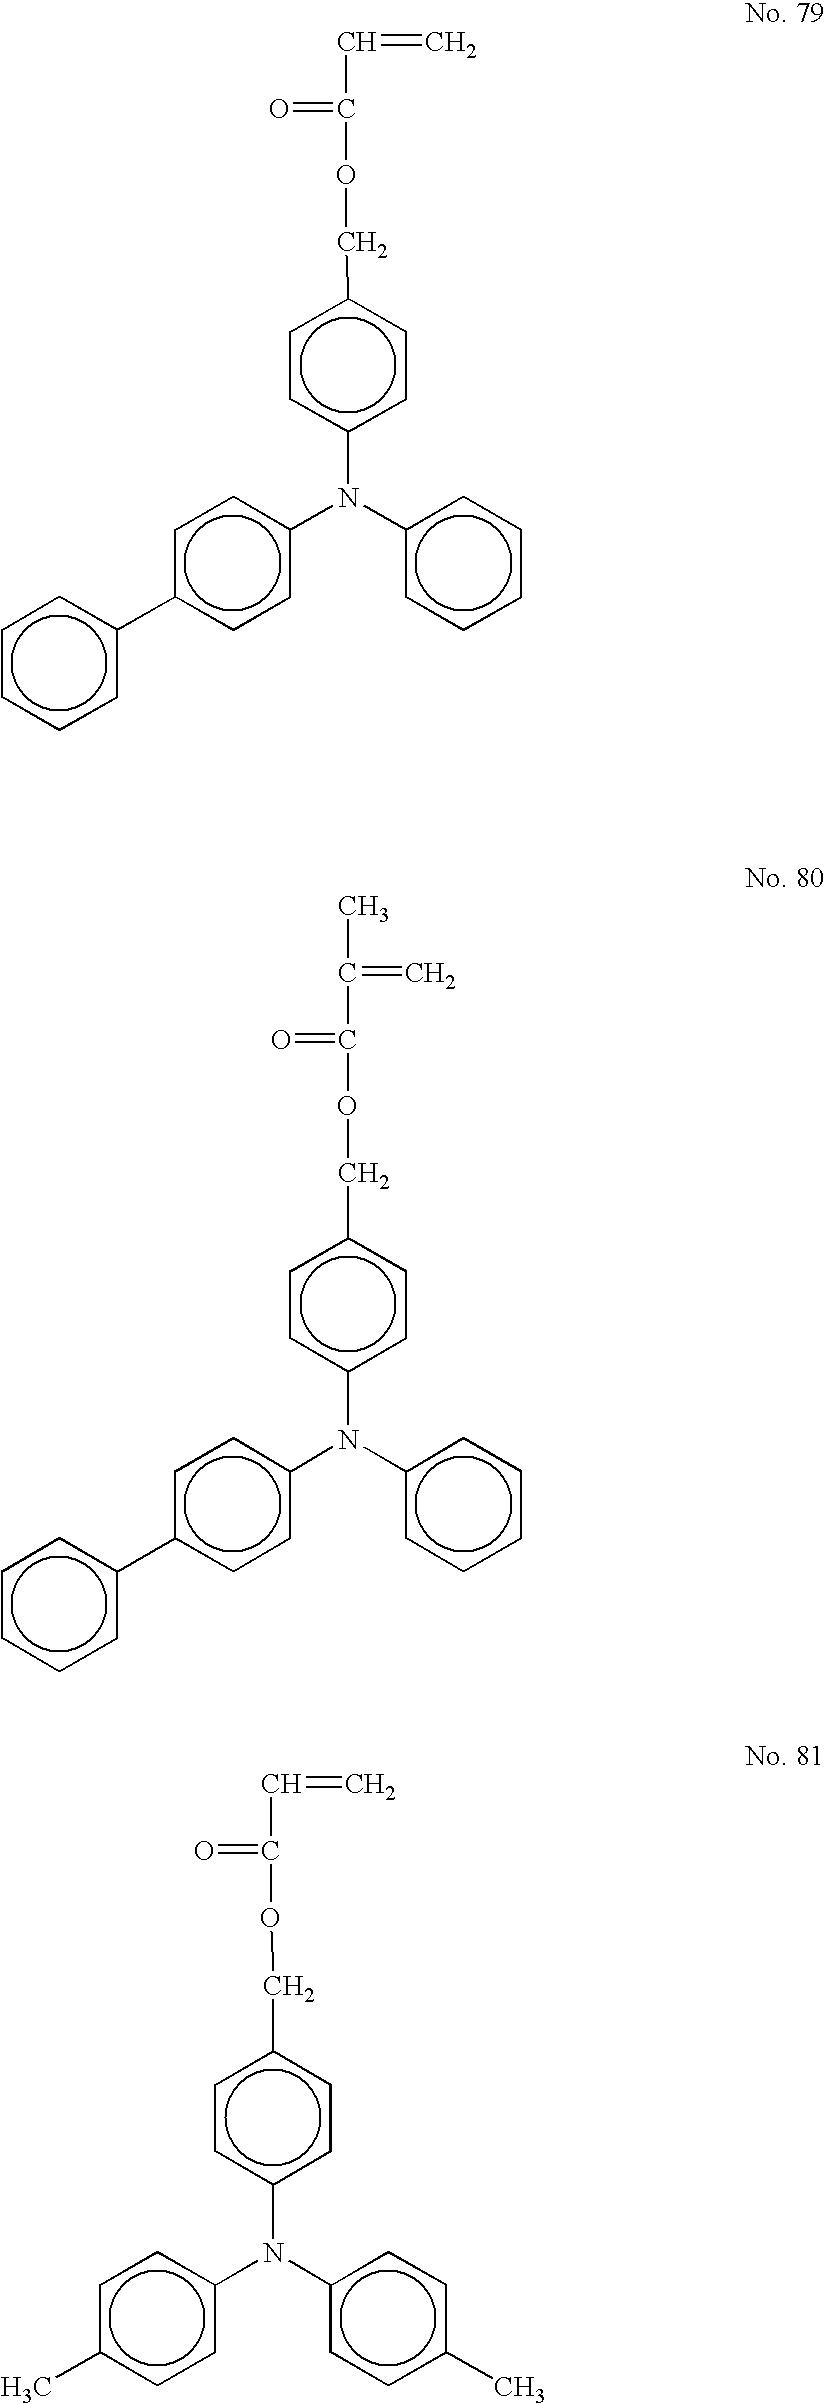 Figure US07175957-20070213-C00038